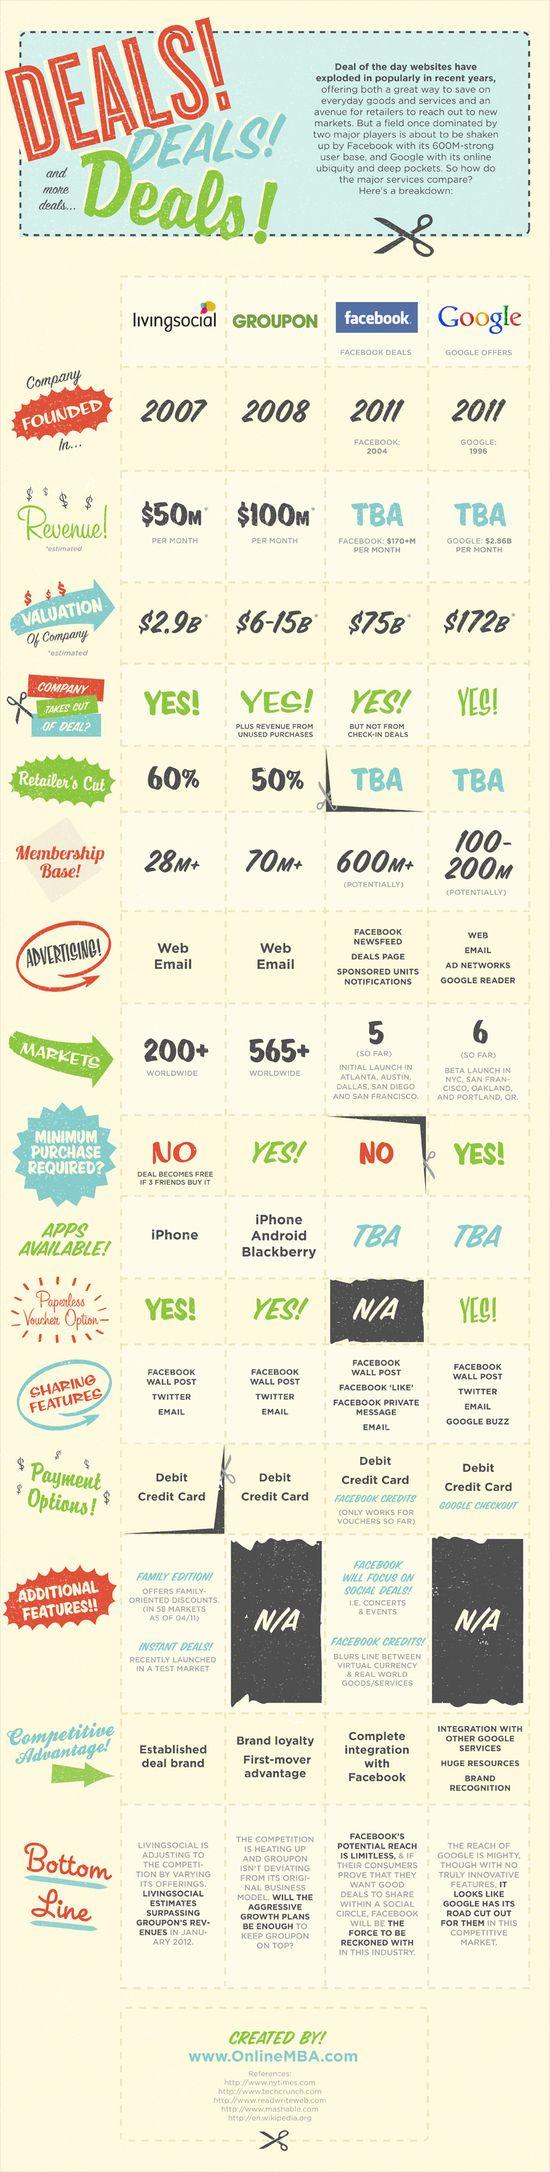 Deals, Deals and more Deals - Comparising the Top Four Deals Sites